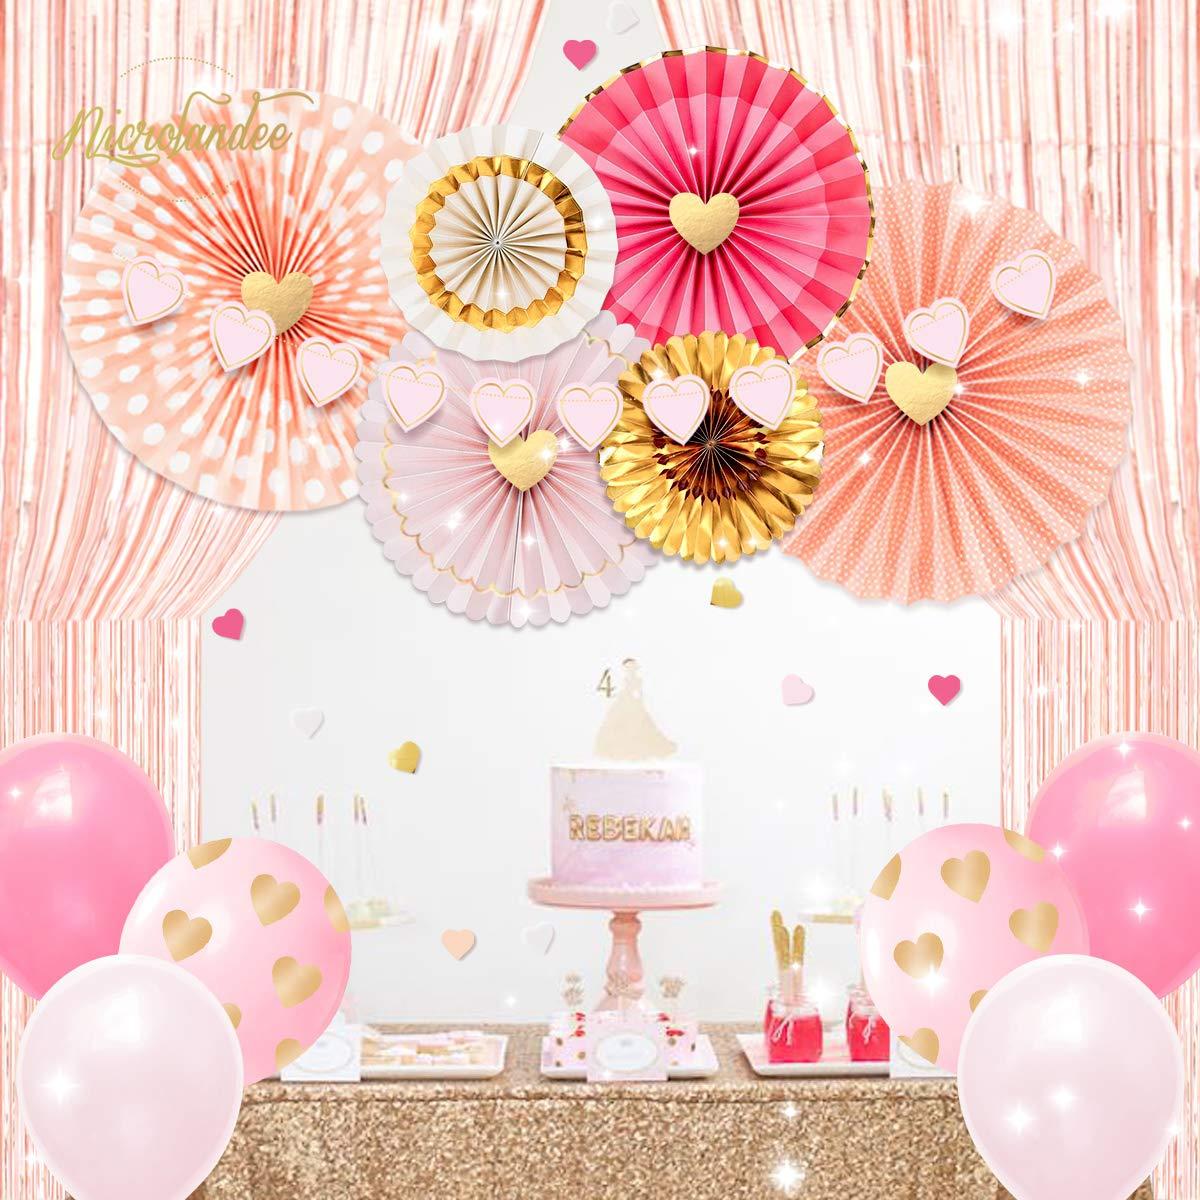 cortinas de flecos de papel de oro rosa Ventiladores de papel de oro rosa para bodas Cumplea/ños Fiesta de San Valent/ín Amor Eventos Decoraci/ón NICROLANDEE Decoraciones de despedida de soltera